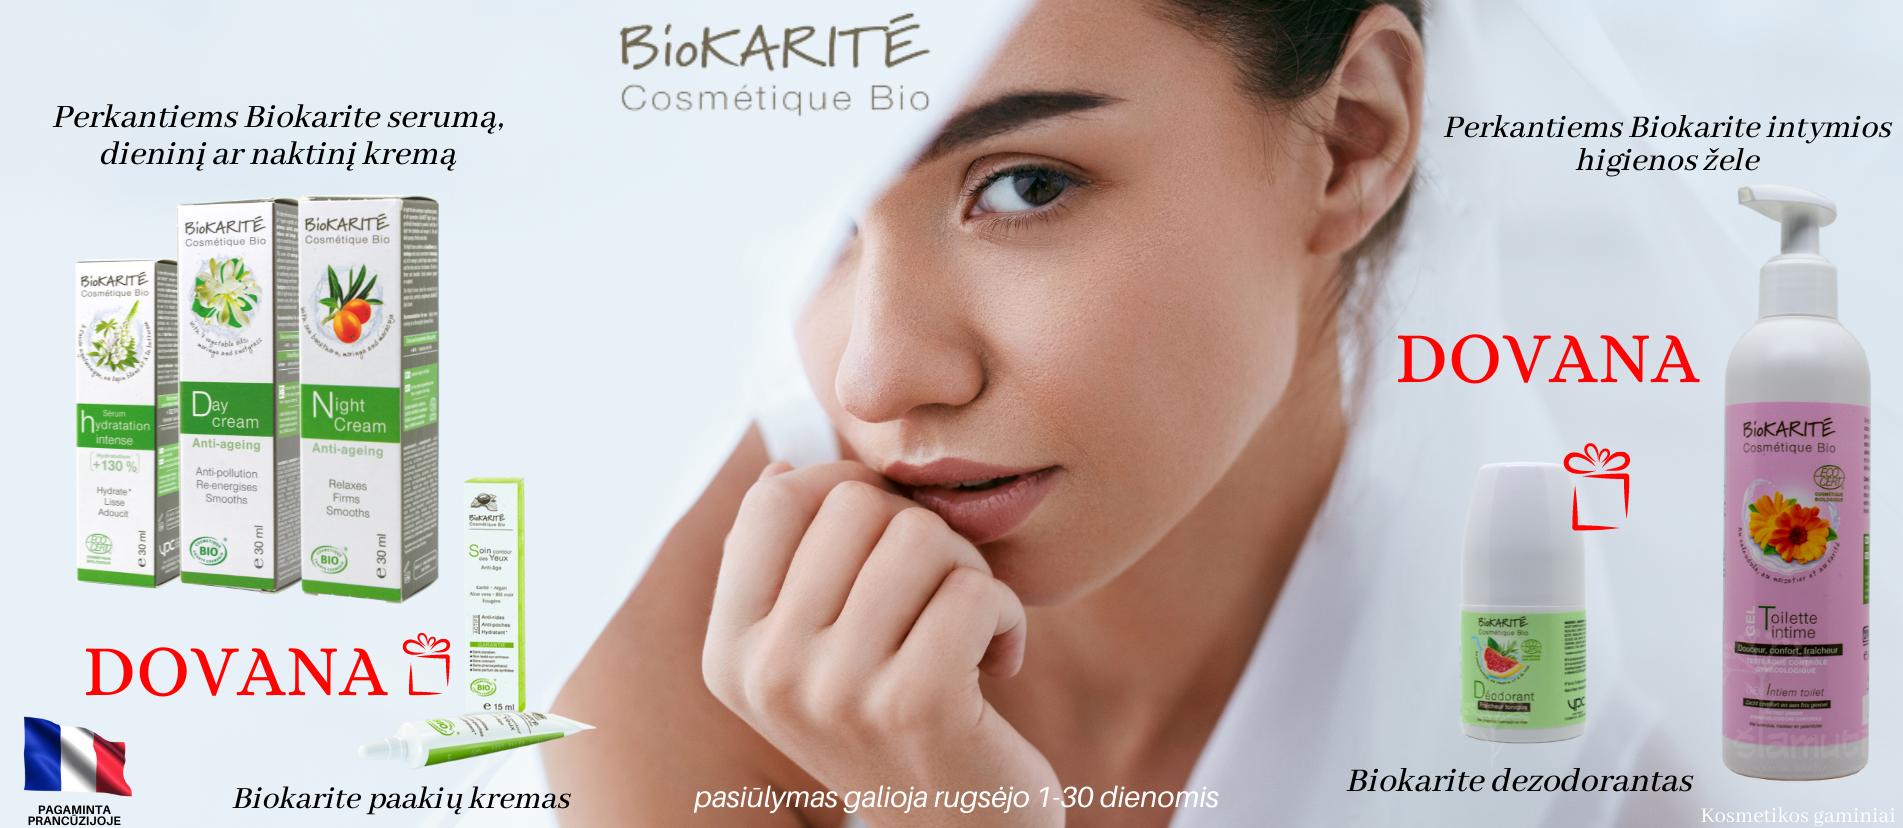 Biokarite-produktaidovana_slamutis.lt